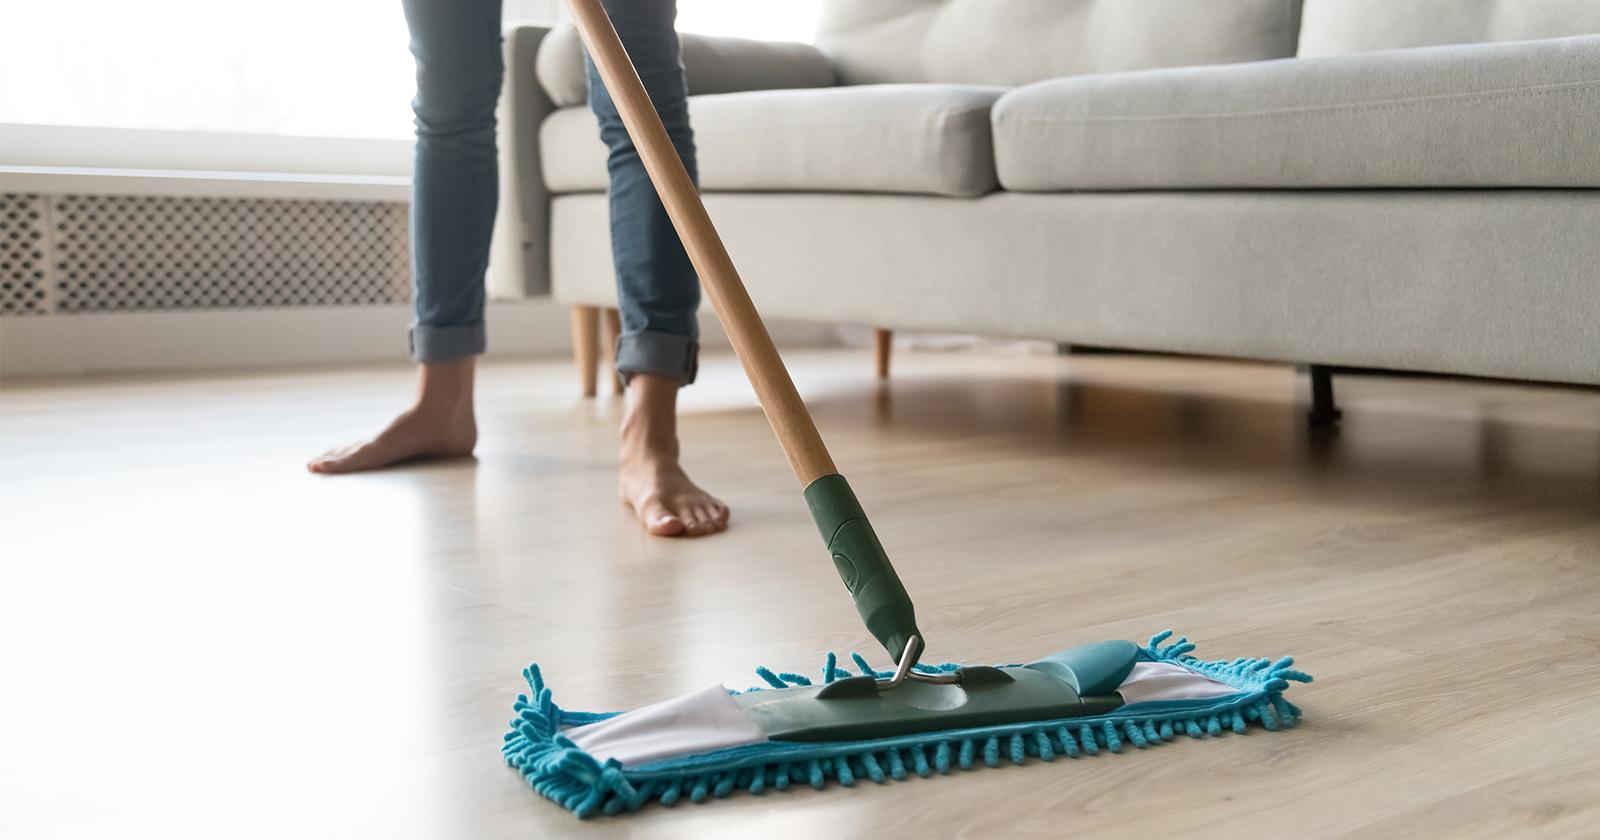 Frau wischt den Fußboden, um Staub zu entfernen, der eine Hausstauballergie begünstigen könnte.